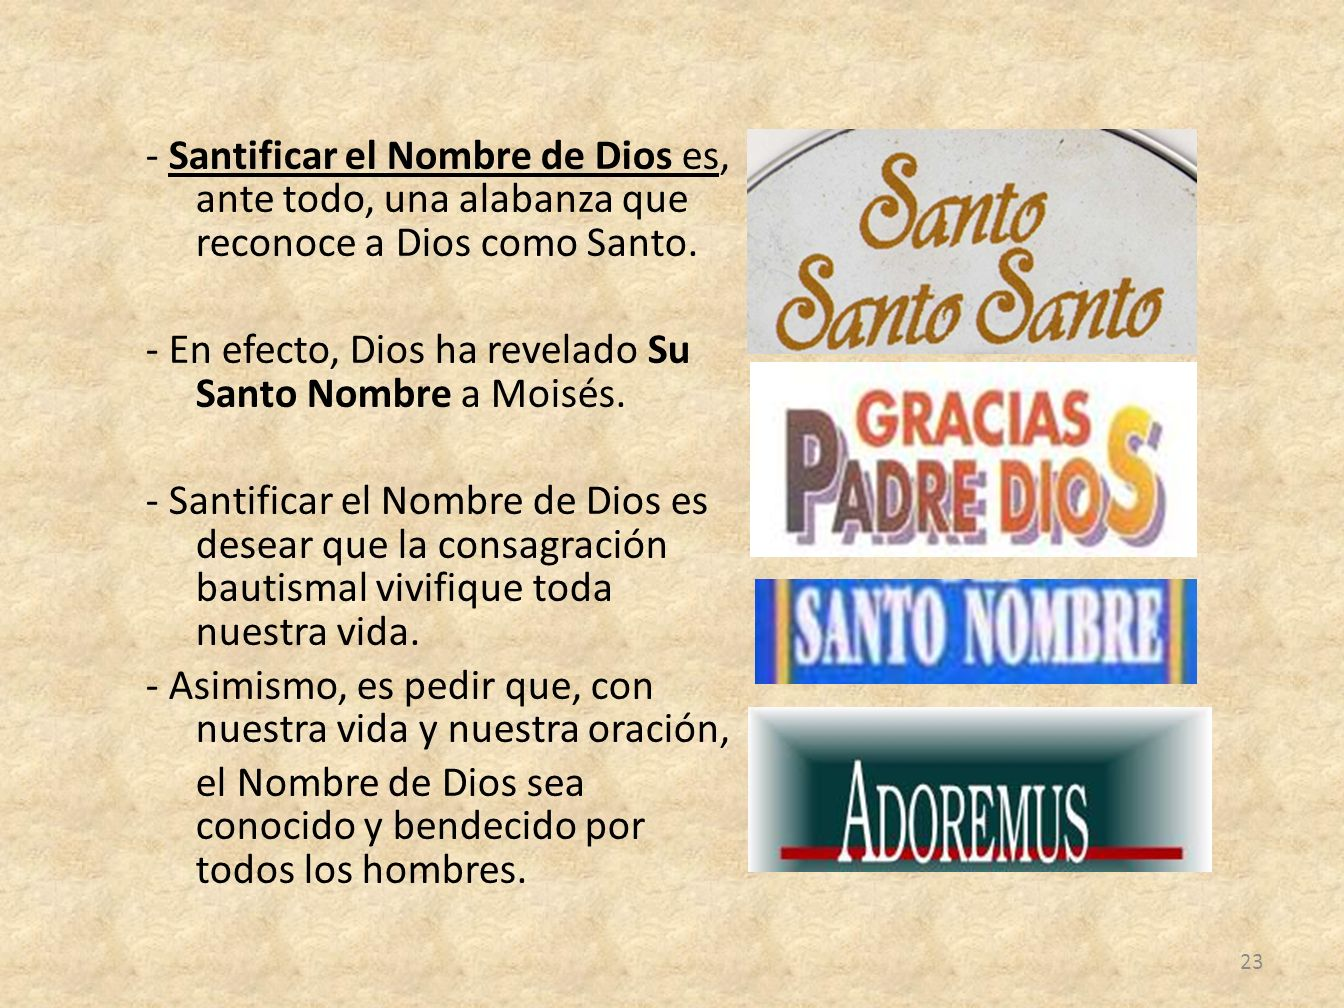 - Santificar el Nombre de Dios es, ante todo, una alabanza que reconoce a Dios como Santo. - En efecto, Dios ha revelado Su Santo Nombre a Moisés. - S